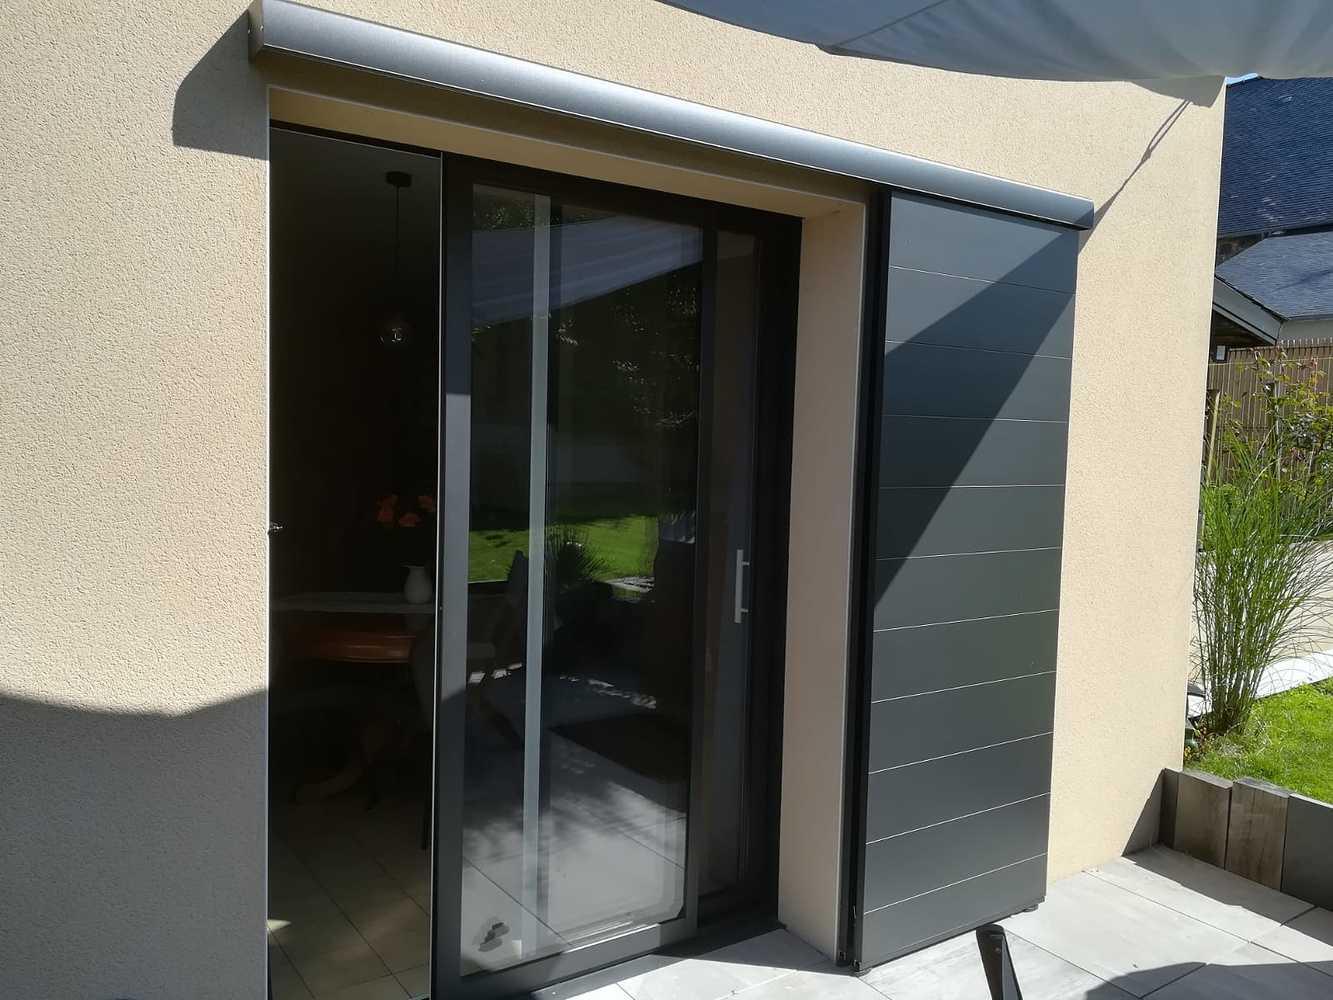 Installation d''une porte-fenêtre avec volet coulissant - Ille-et-Vilaine (35) 0